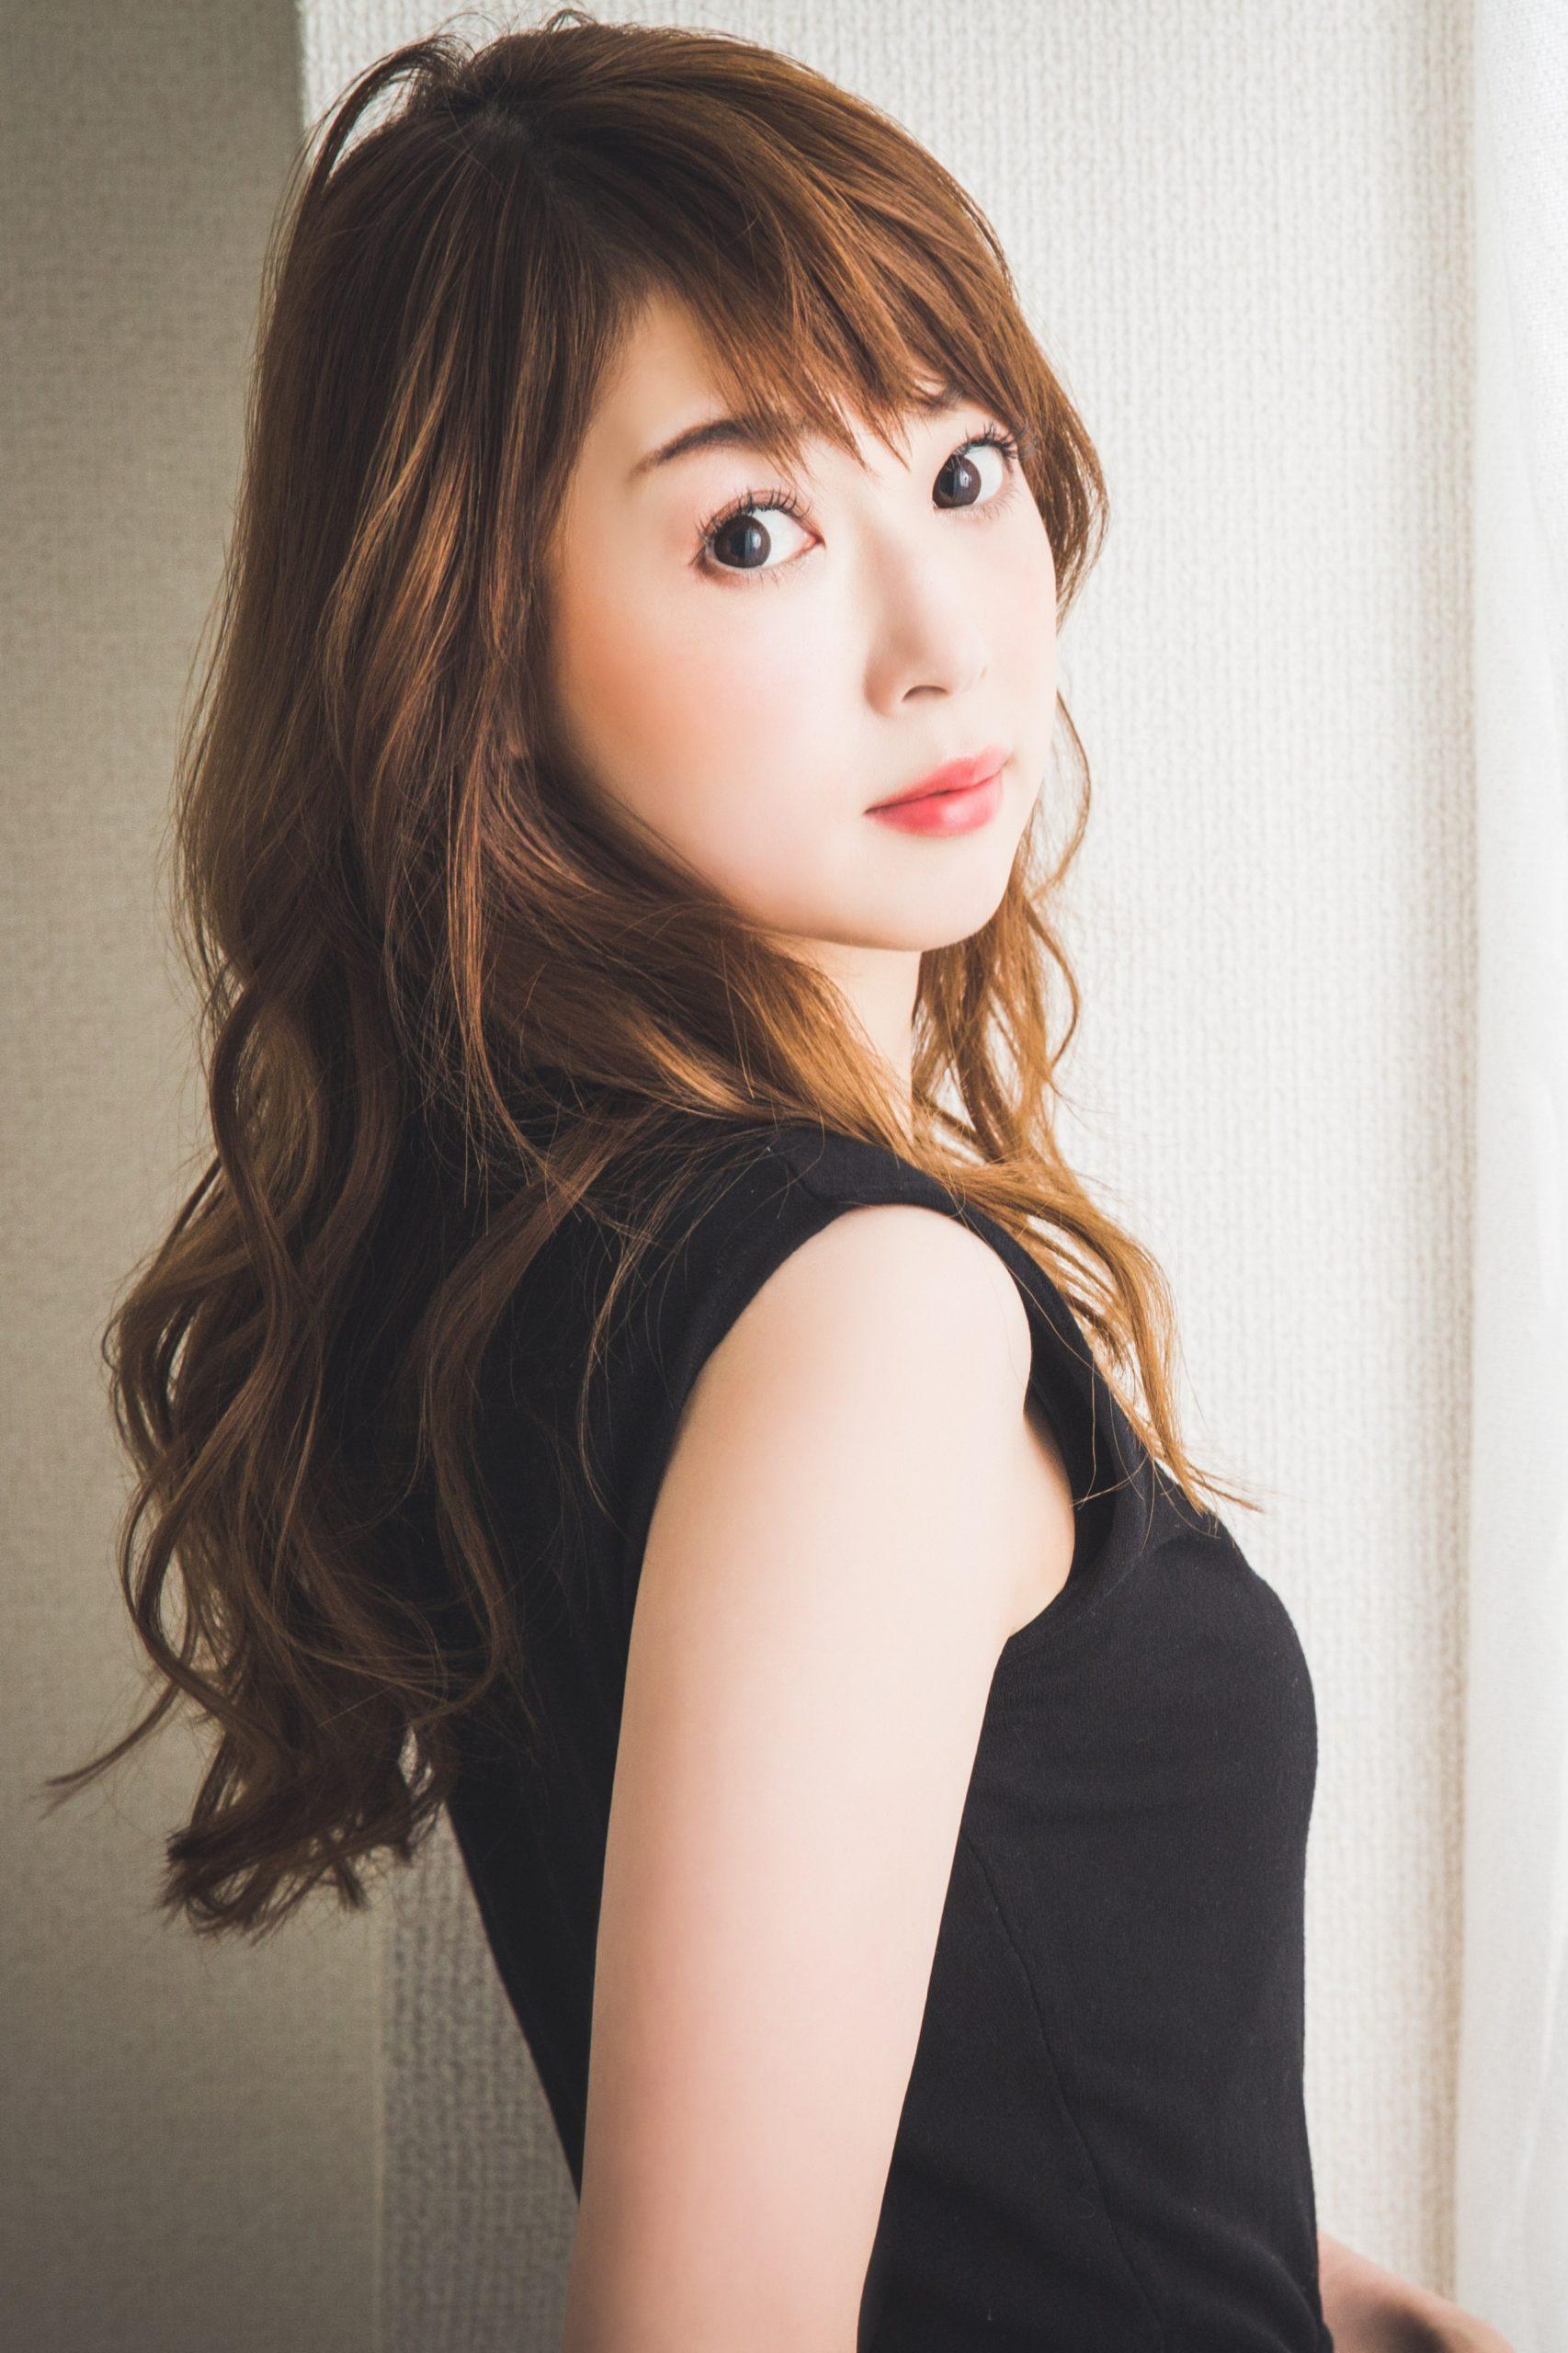 sakuragi_yu_s_t_01